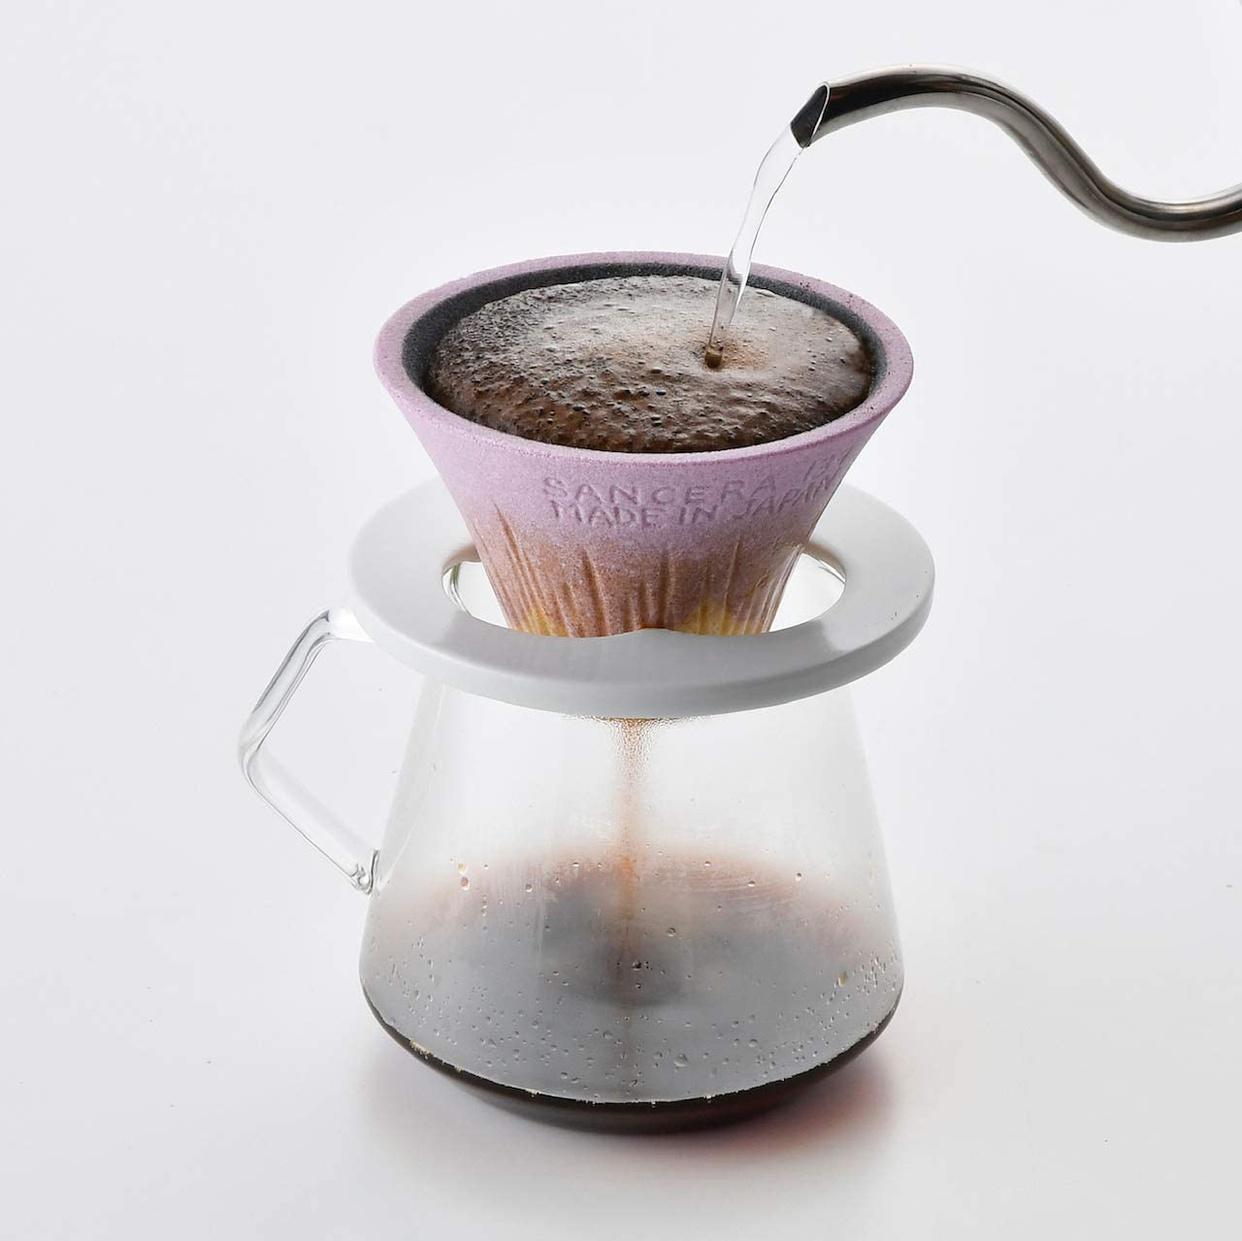 LI:FIL(リフィル) Fuji 波佐見焼きコーヒーフィルター・ドリッパーの商品画像3